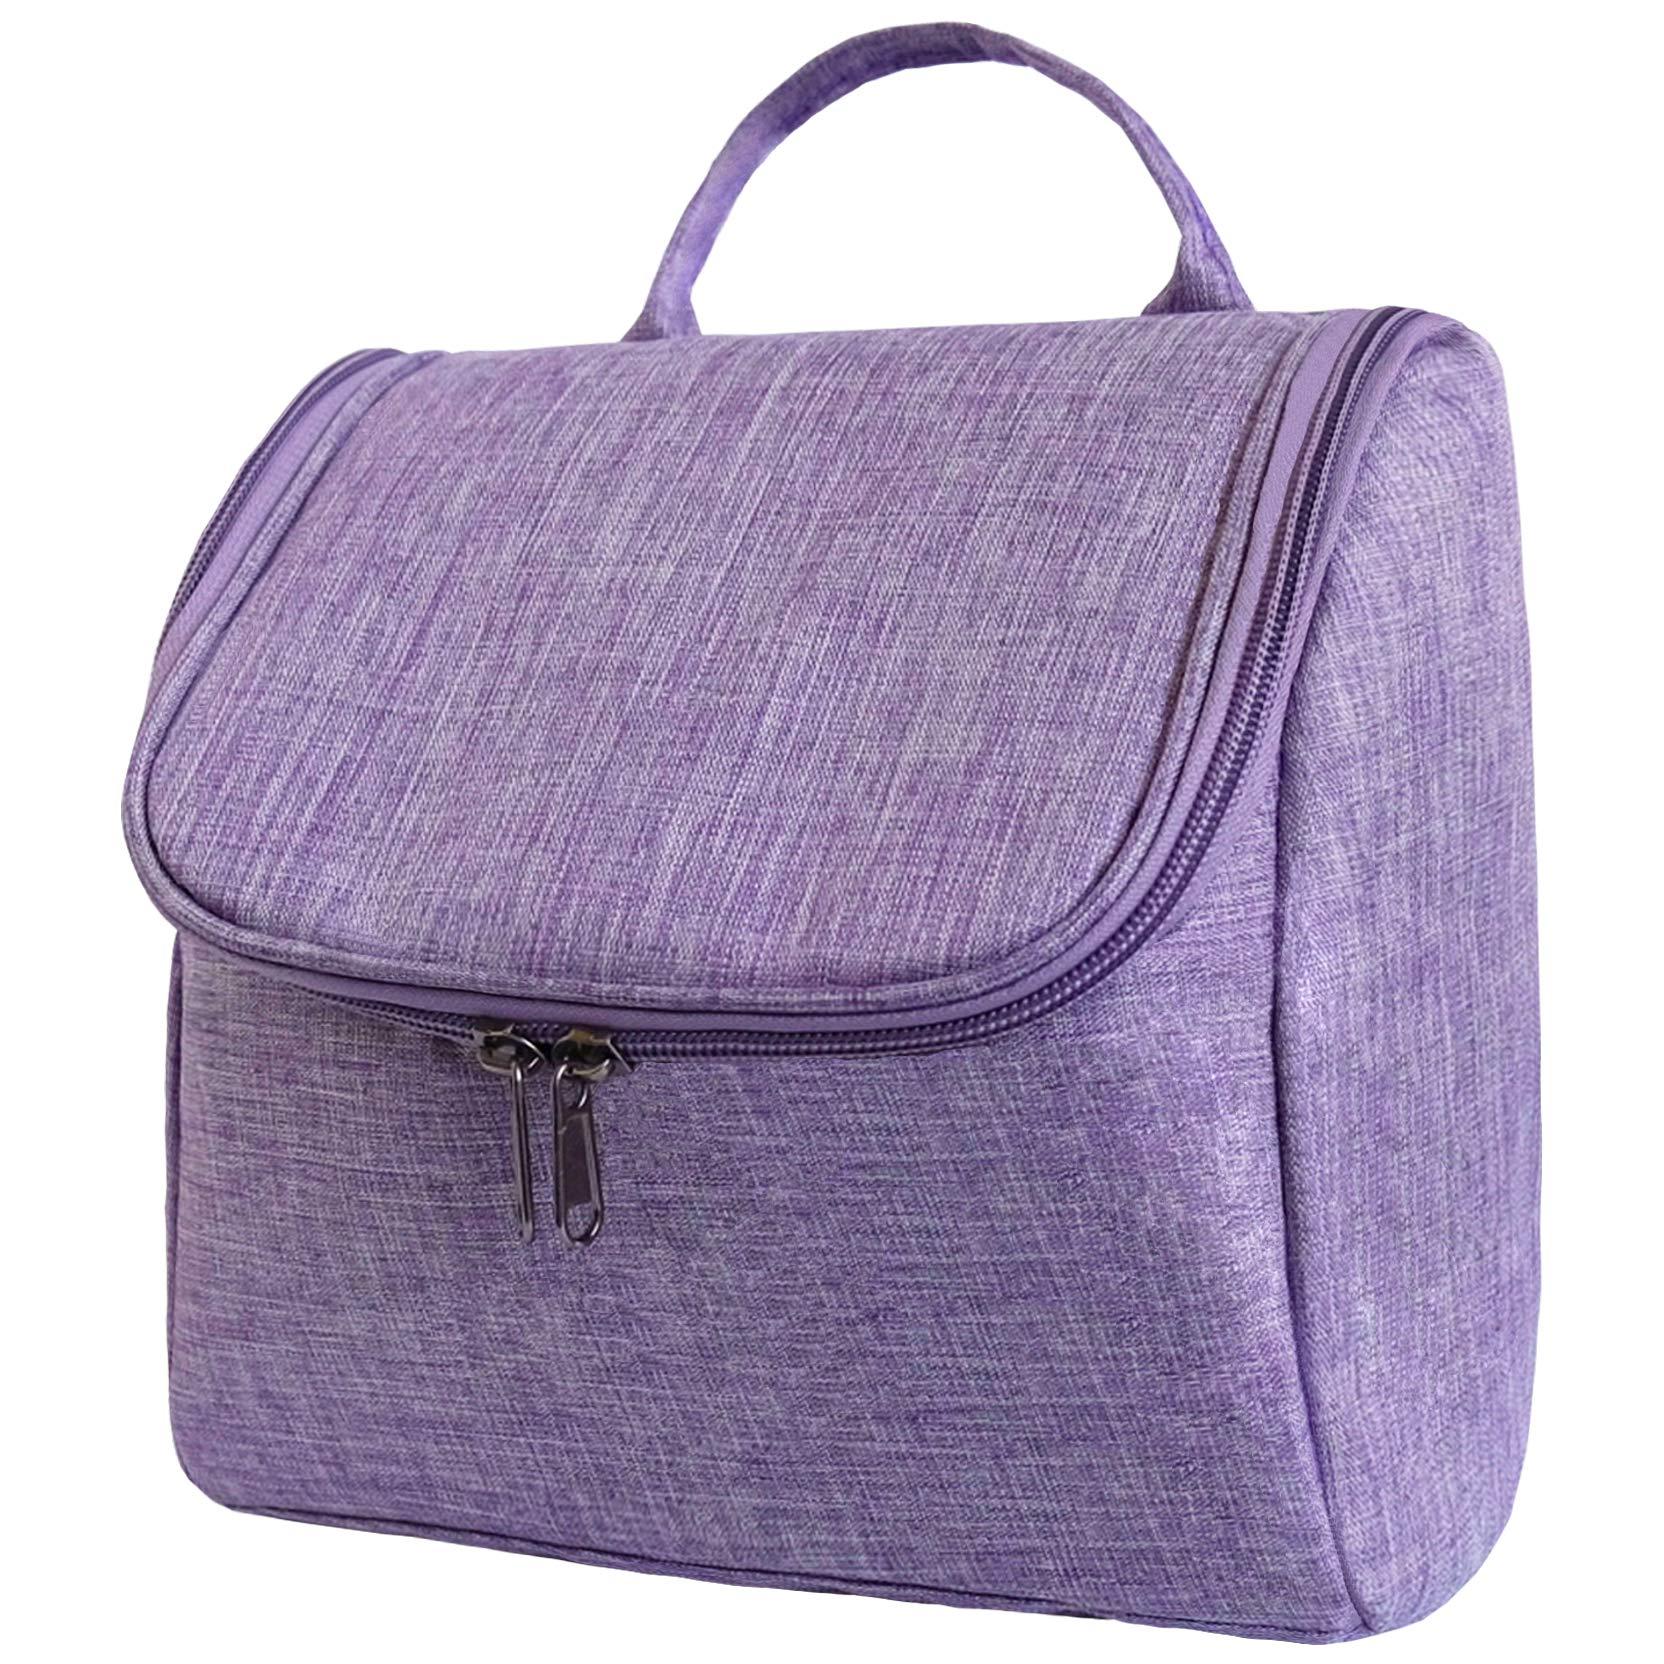 悬挂化妆品收纳袋旅行化妆包大容量多功能防水收纳袋男女皆宜